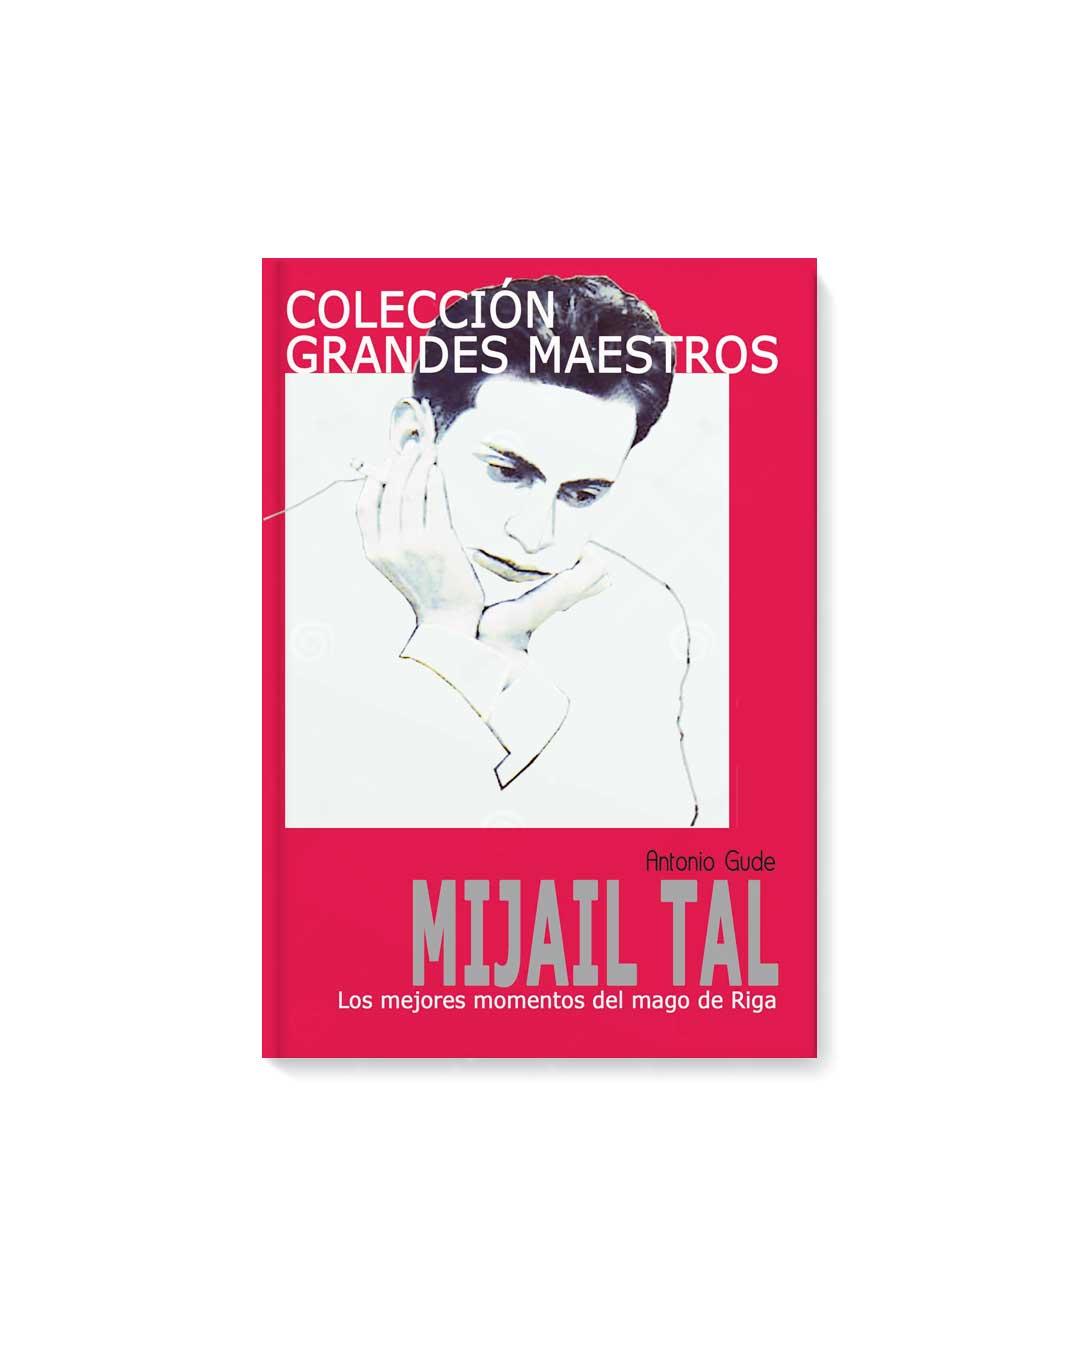 COLECCIÓN GRANDES MAESTROS Mijail Tal